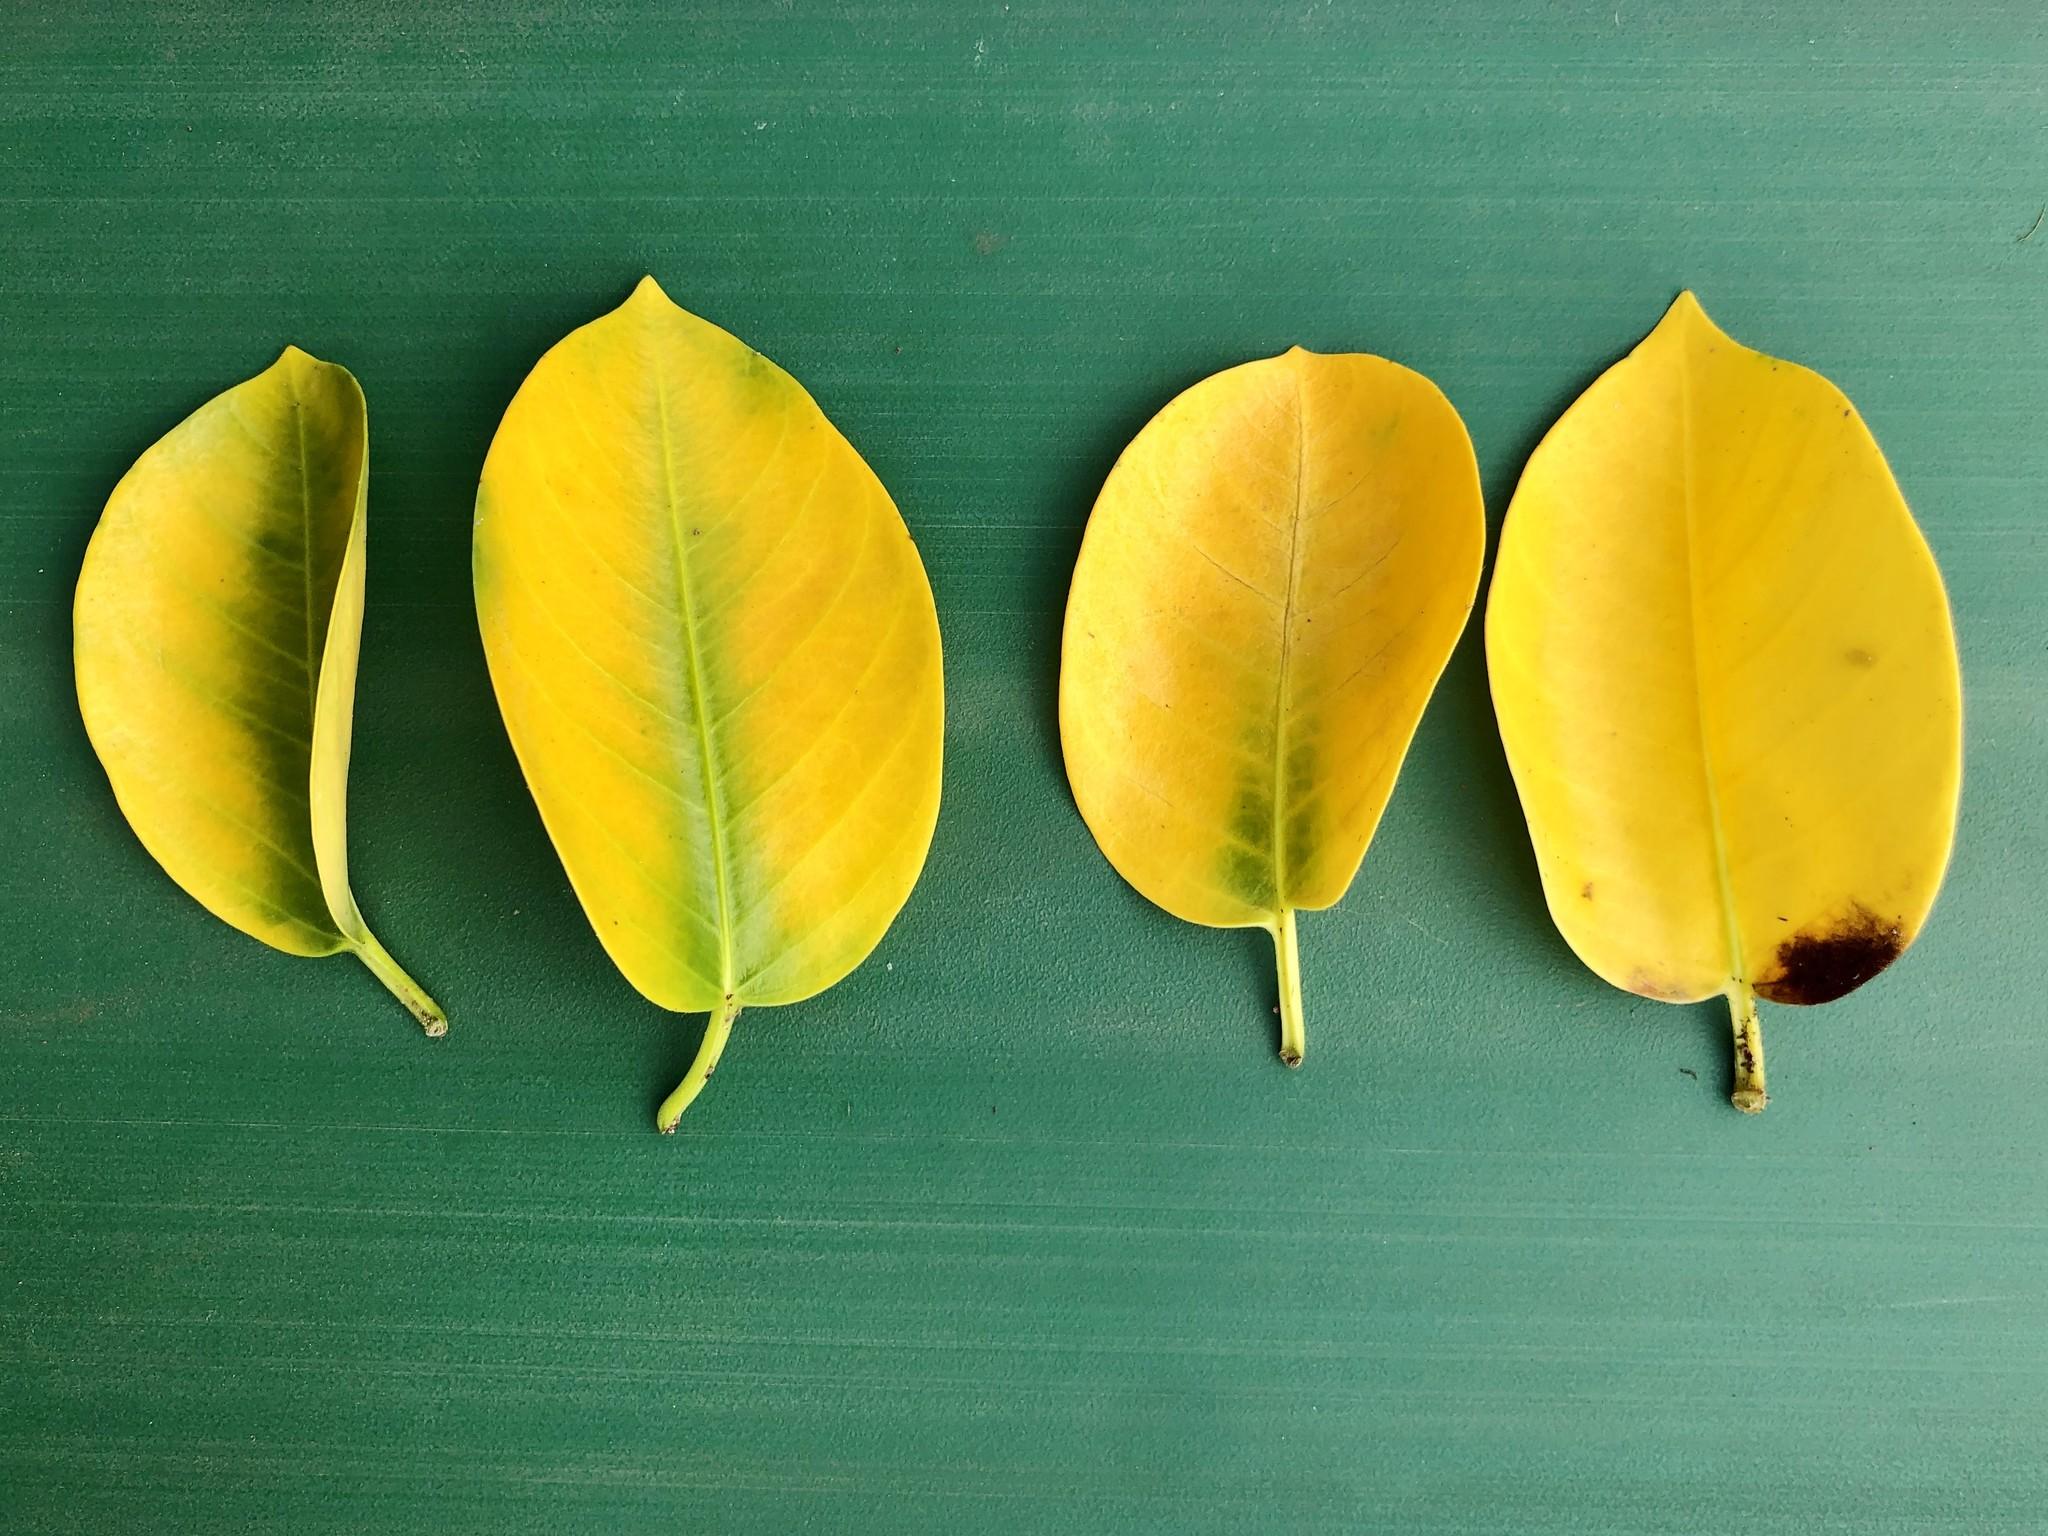 La formation des feuilles jaunes